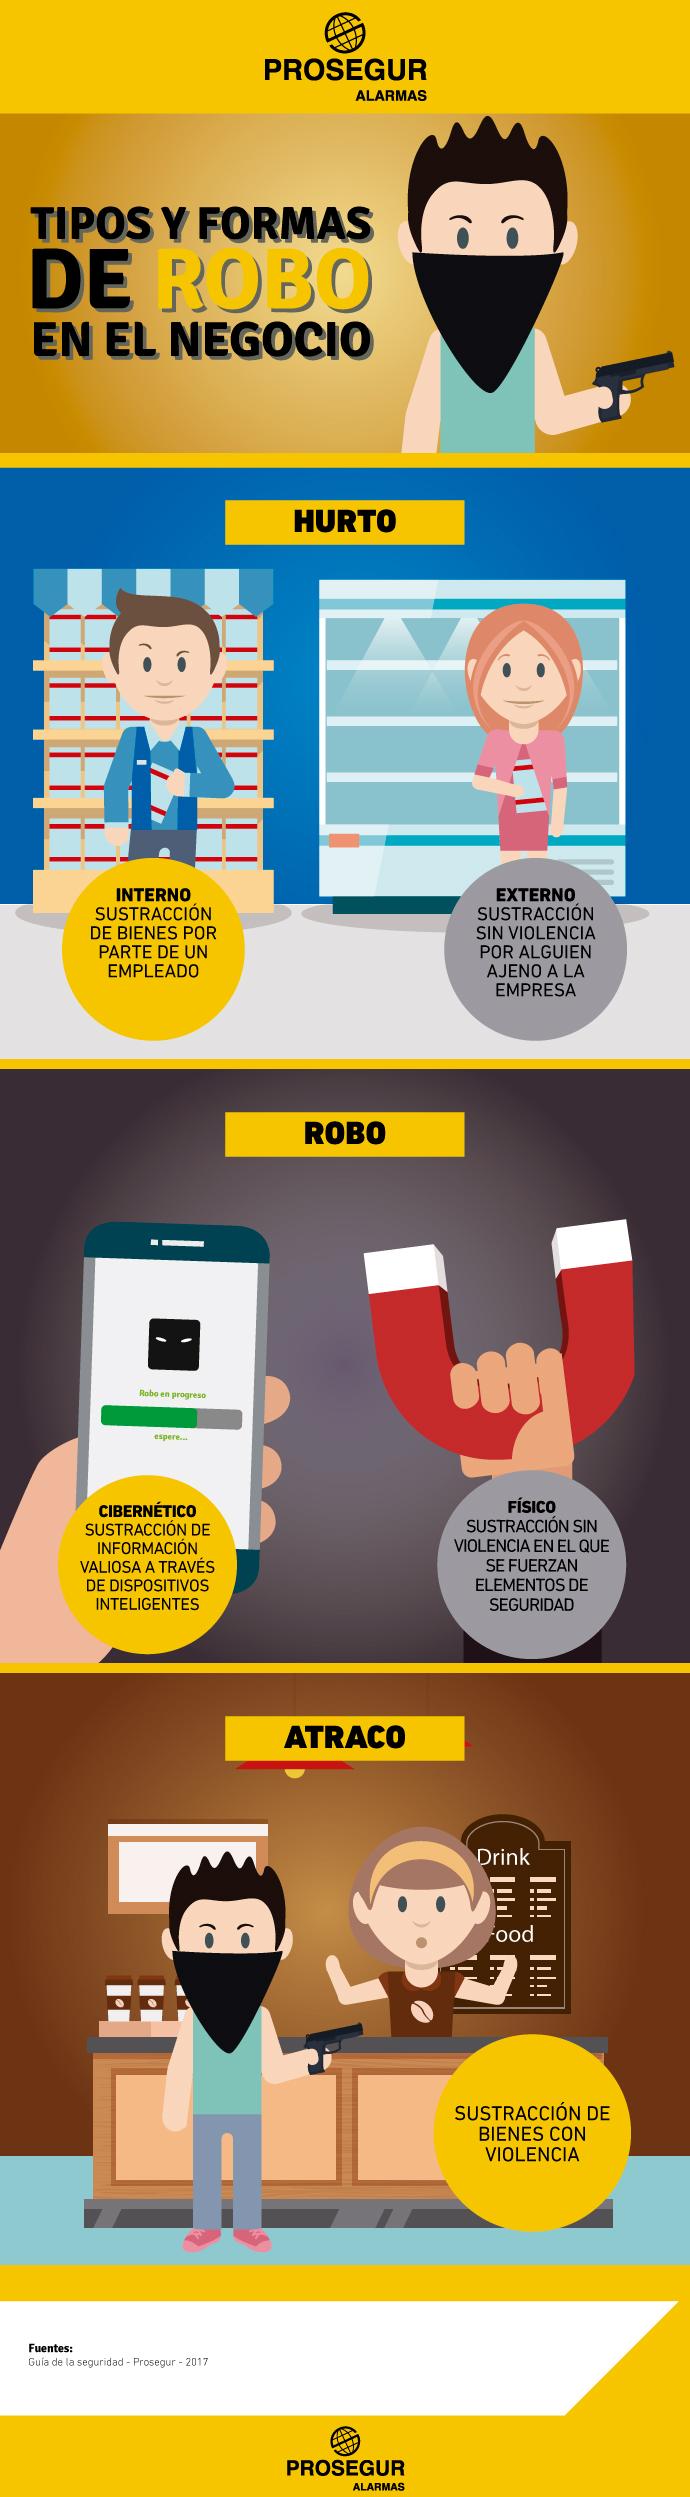 Tipos y formas de robo en negocios